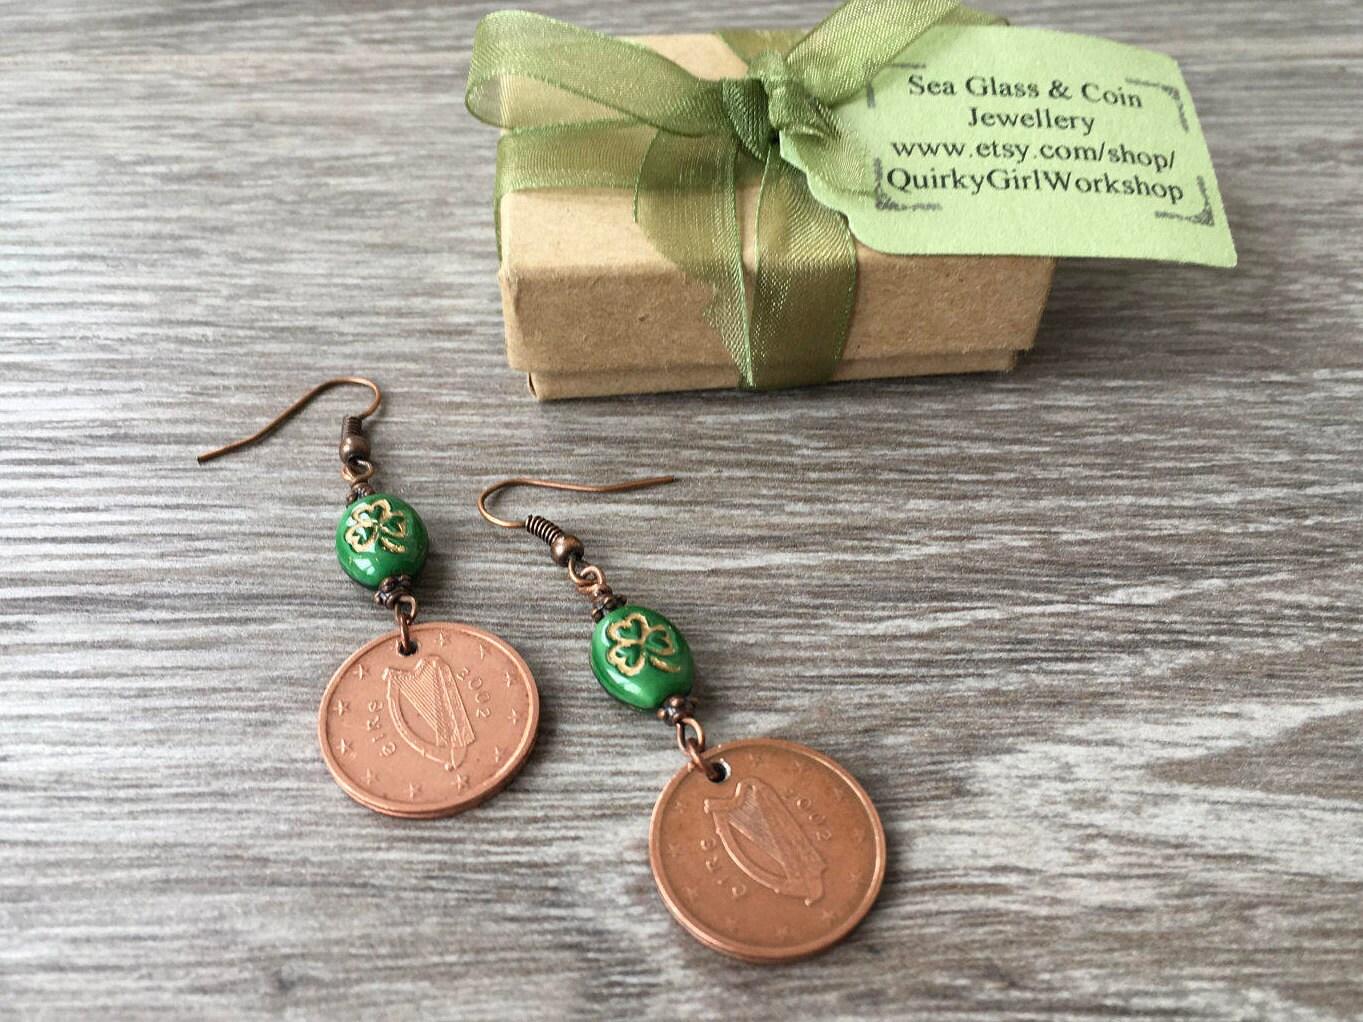 2002 Irish Coin Earrings Green Shamrock Jewelry 16th